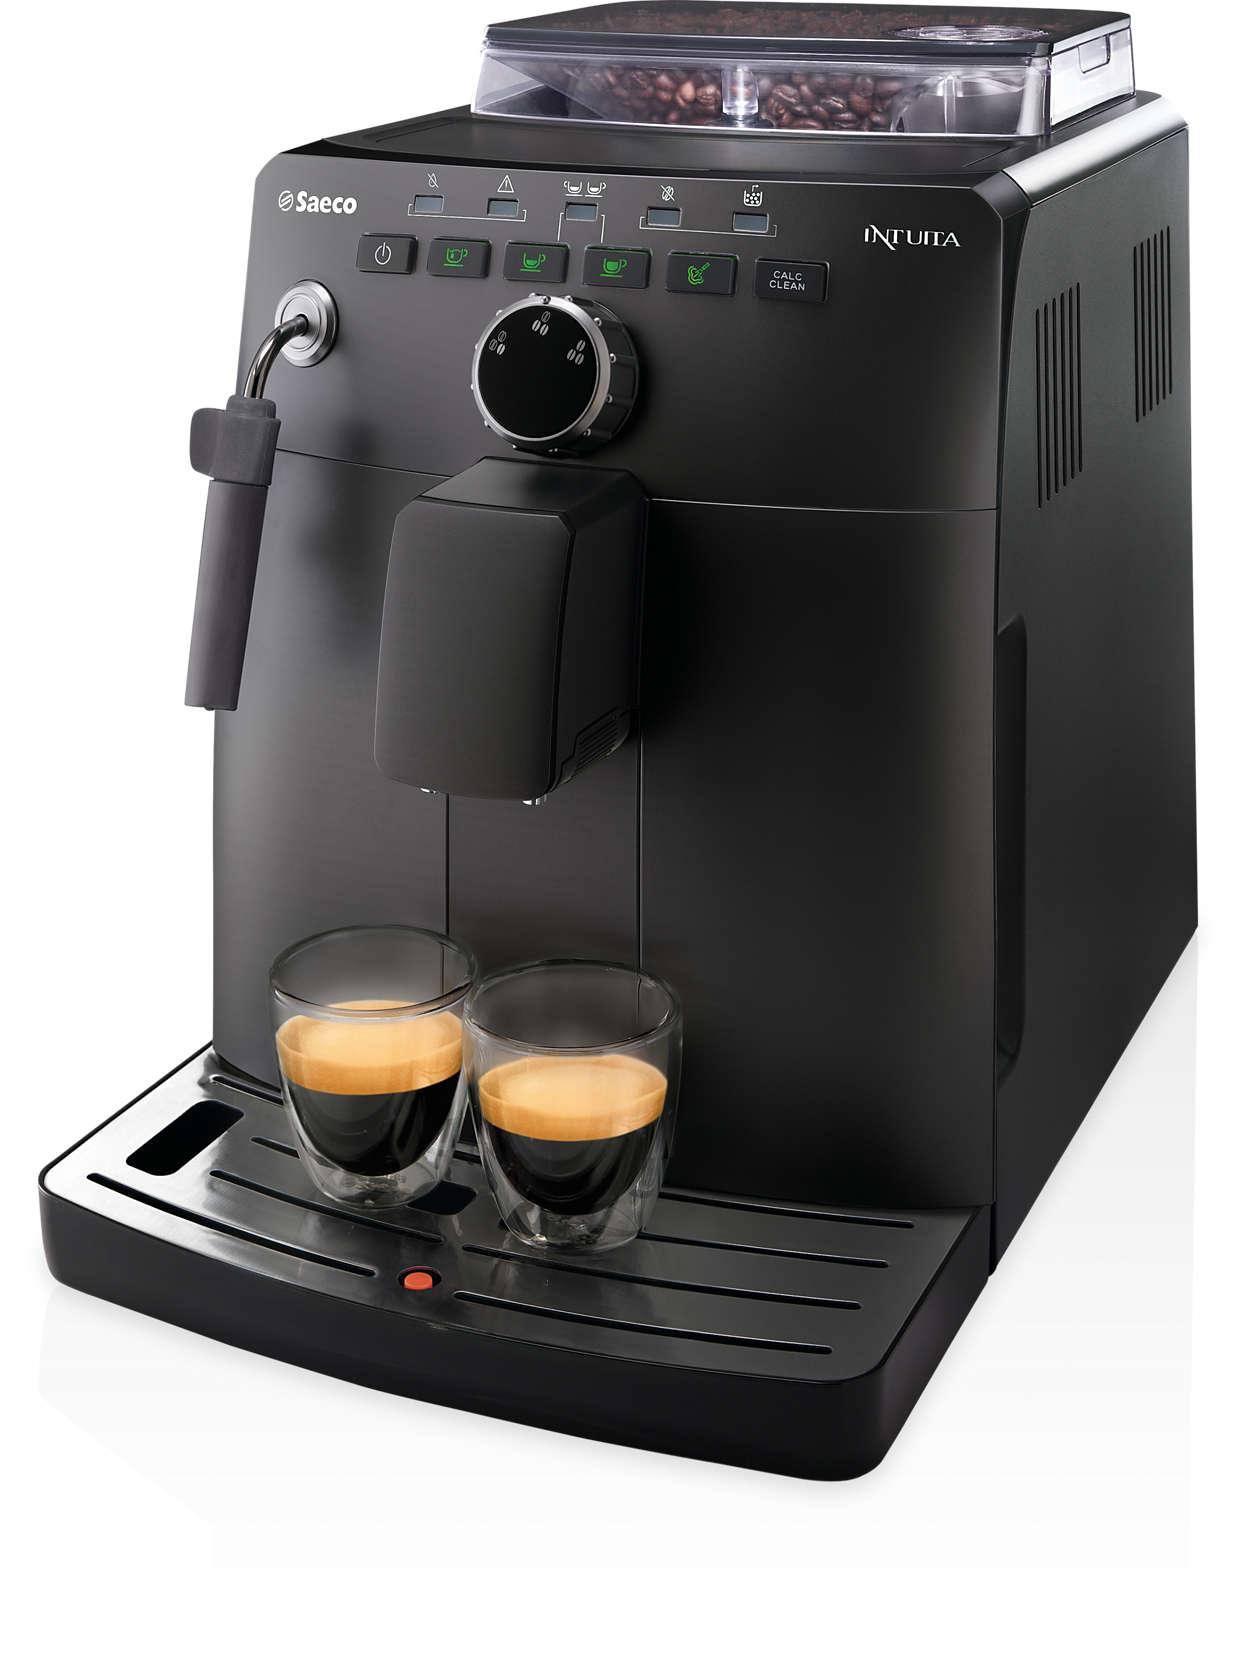 El espresso con granos de café recién molidos